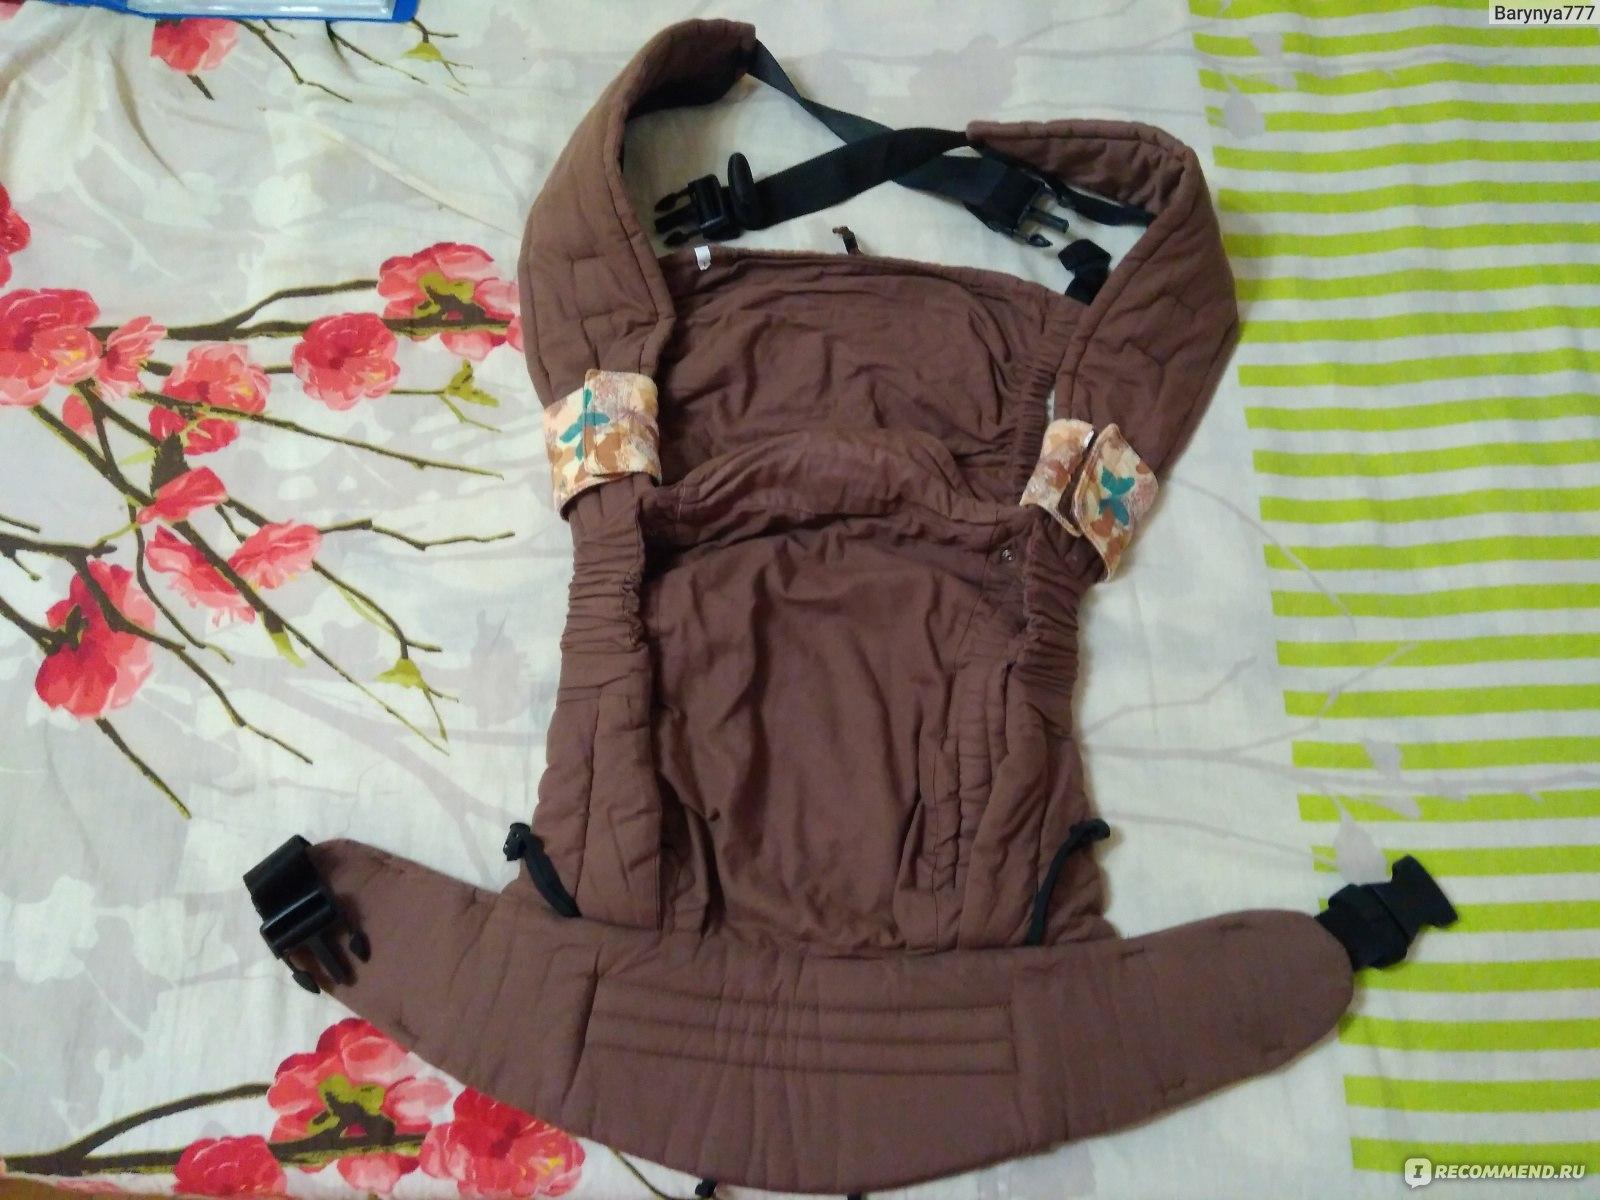 Как усыпить малыша в эргорюкзаке рюкзак туристический 80 л капр